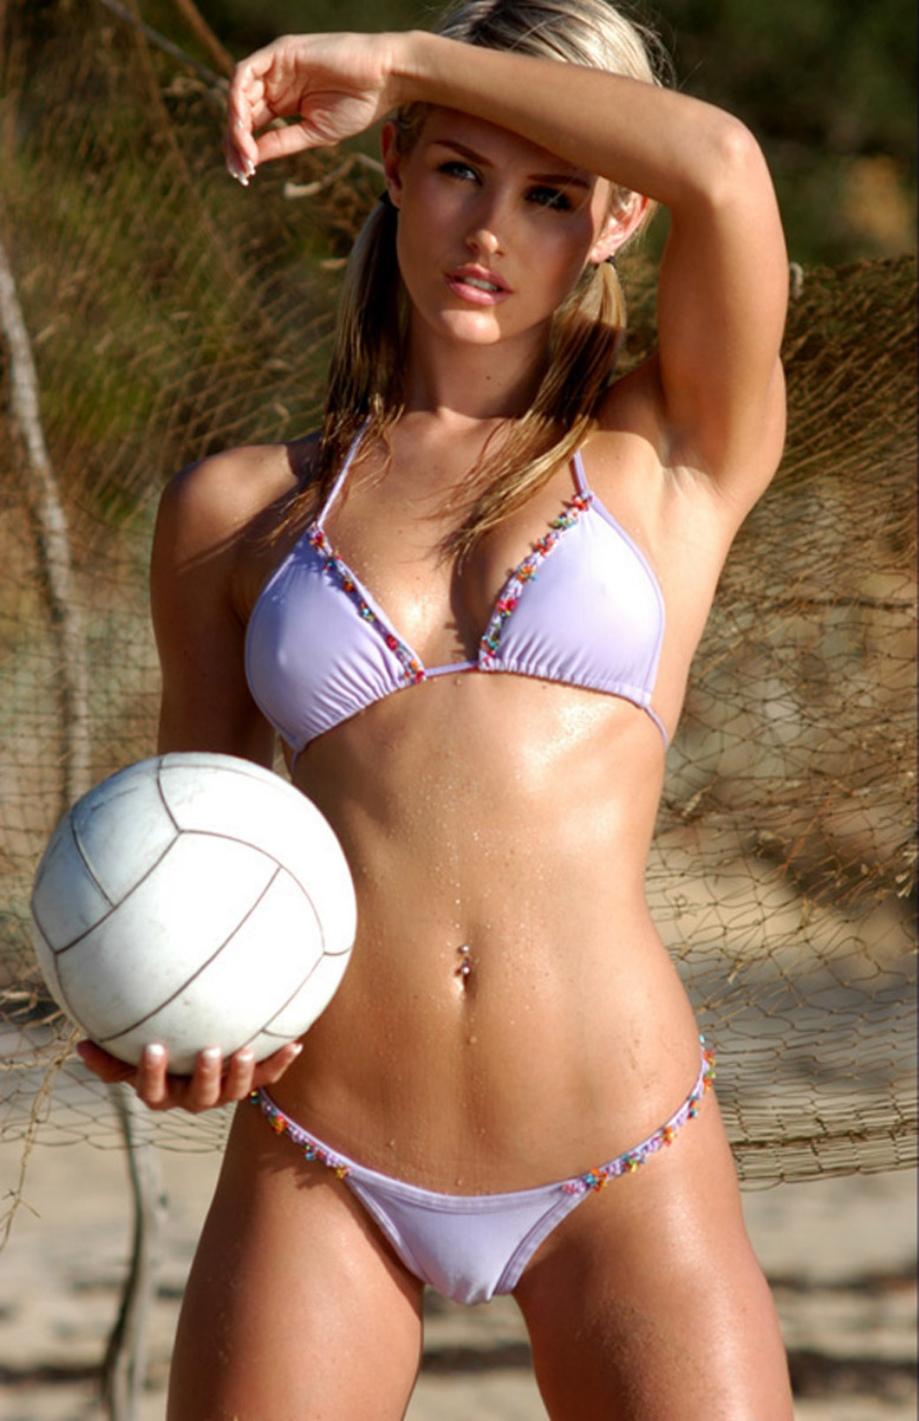 Over hippy bikini neighbor photostures